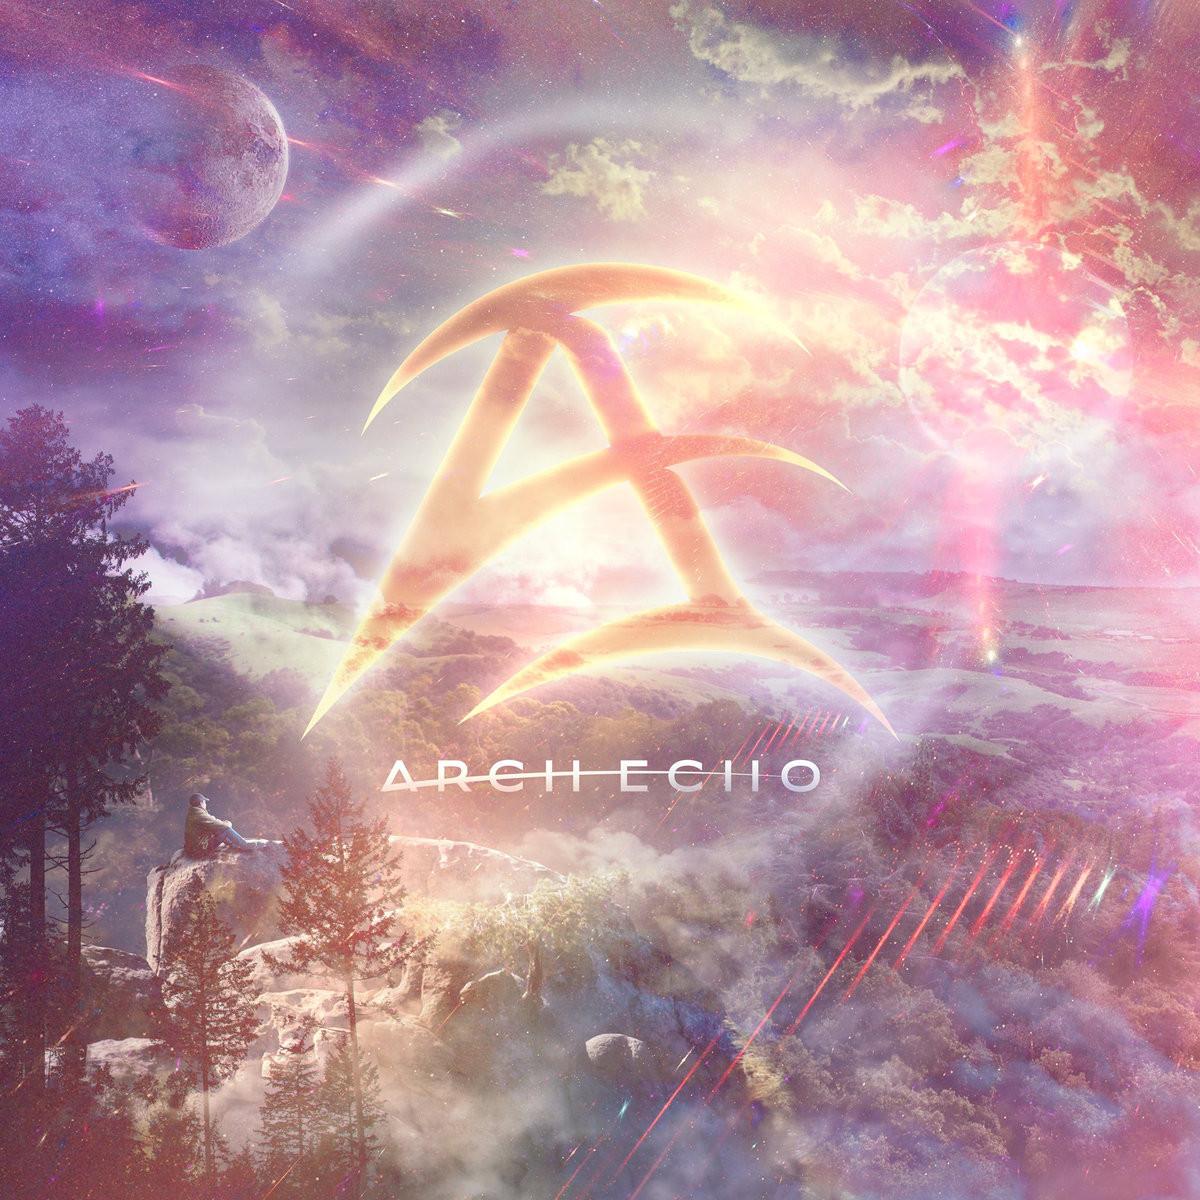 arch echo cds merchandise